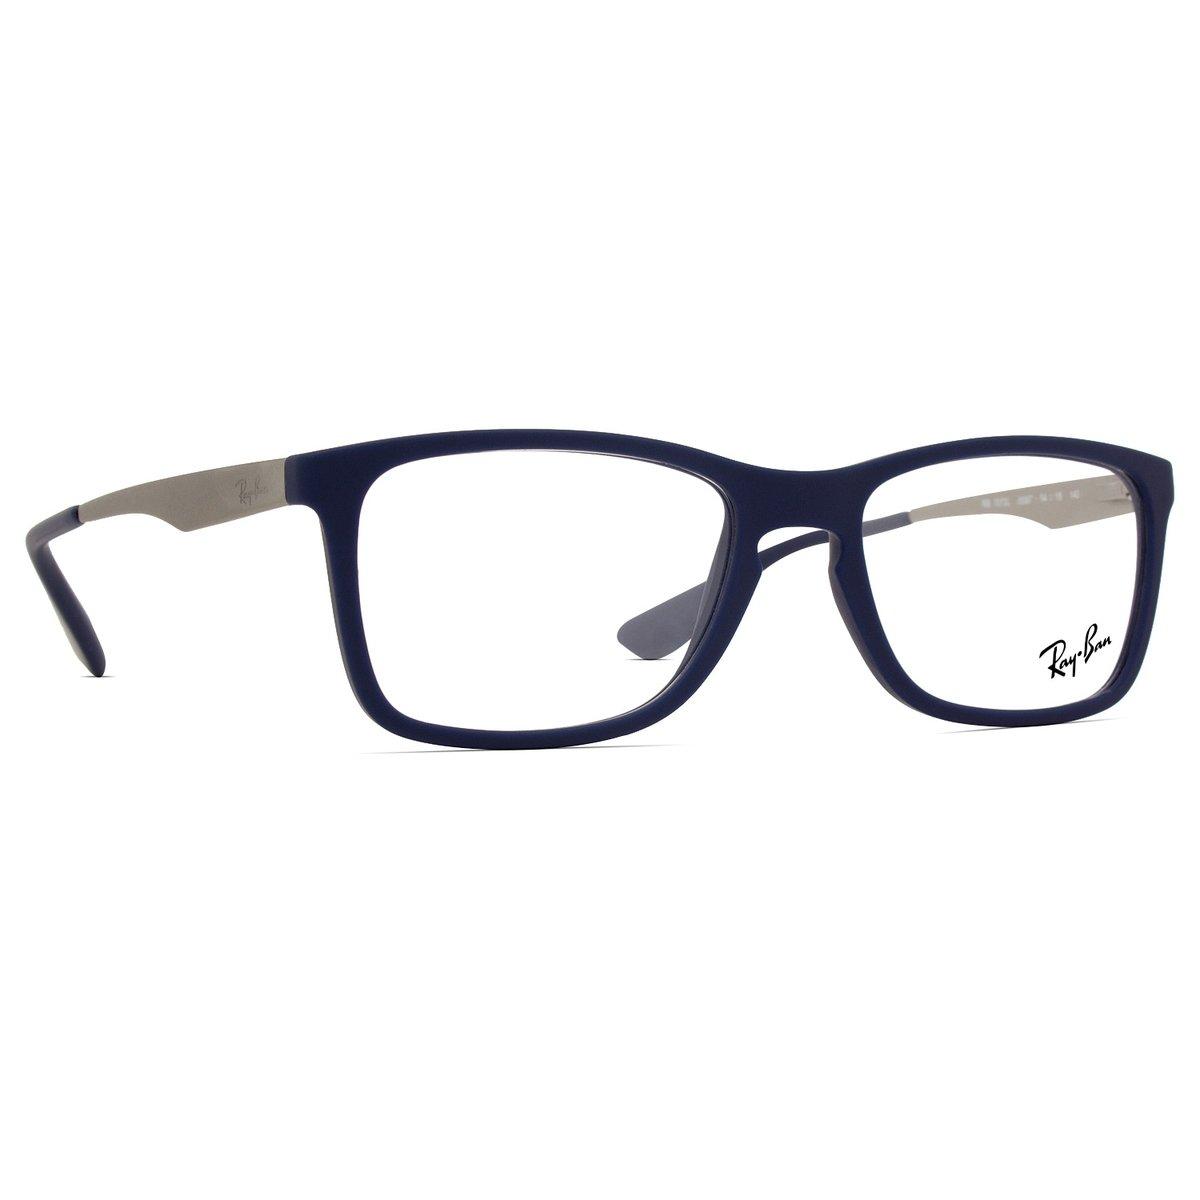 d210e74bfb33d Armação Óculos de Grau Ray Ban RX7072L 5587-54 - Compre Agora   Zattini